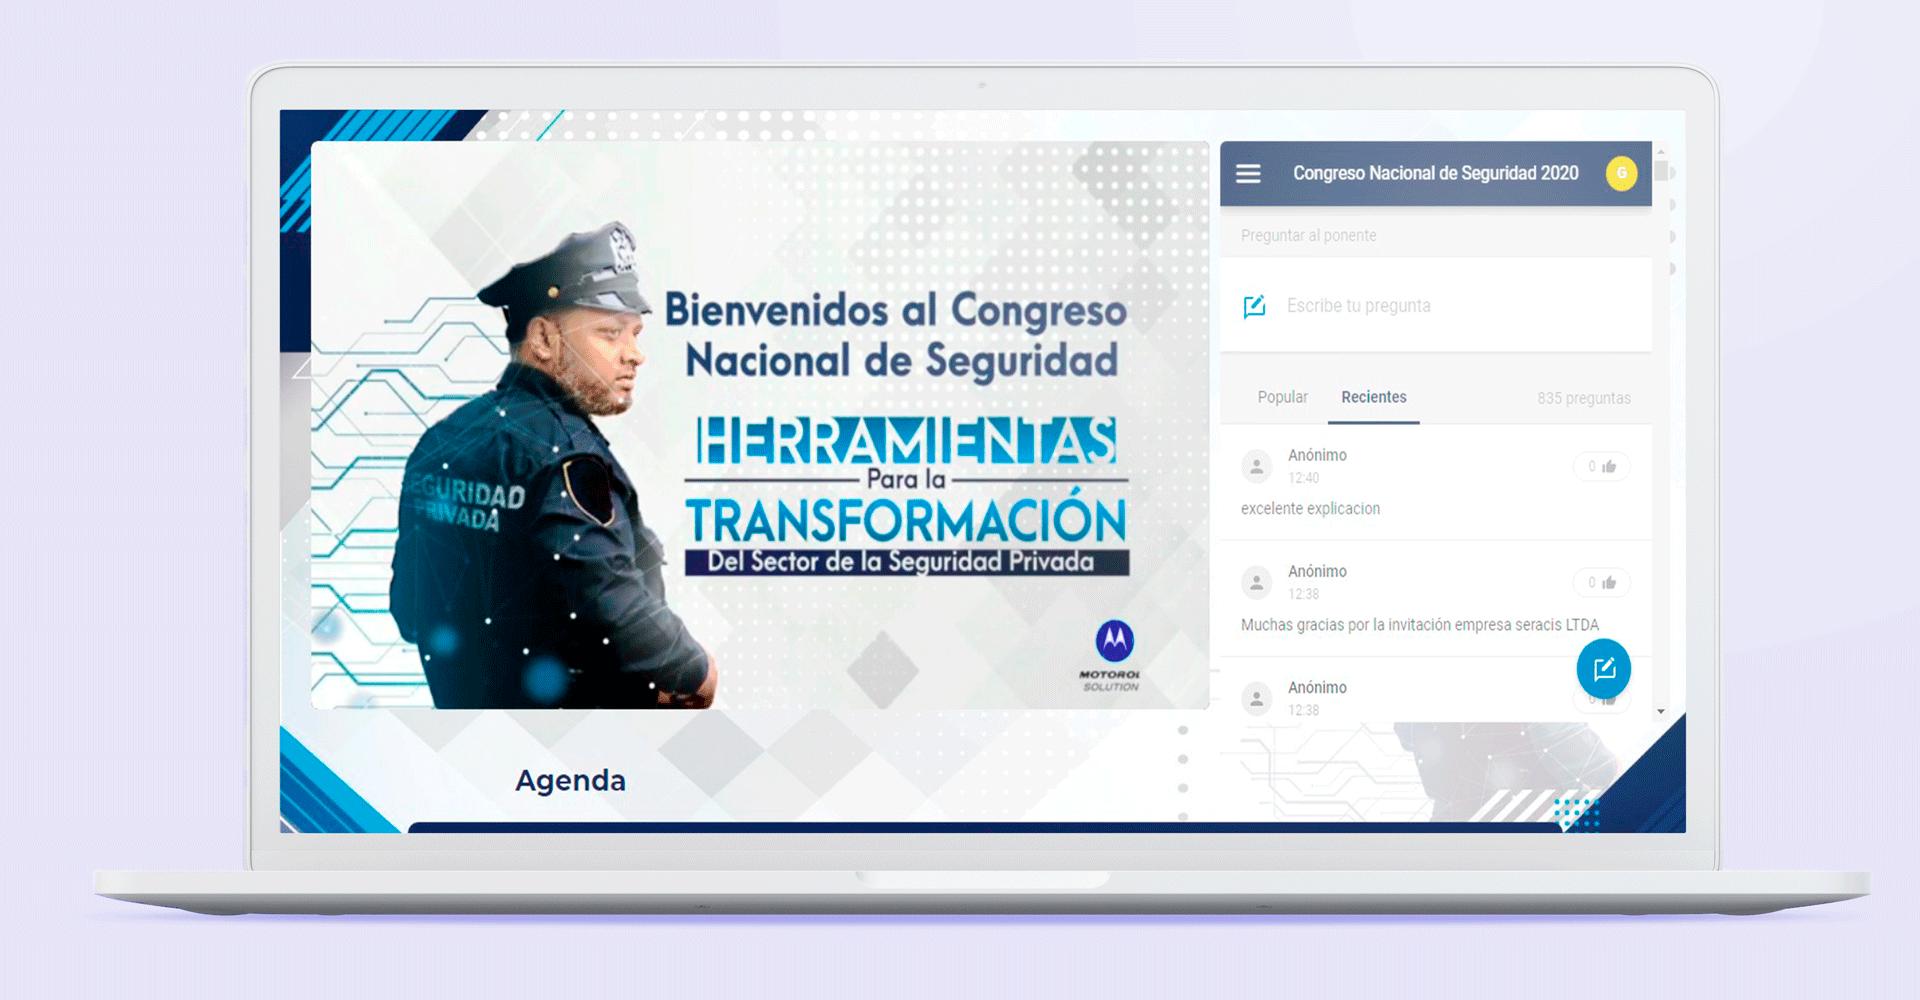 Congreso Nacional de Seguridad